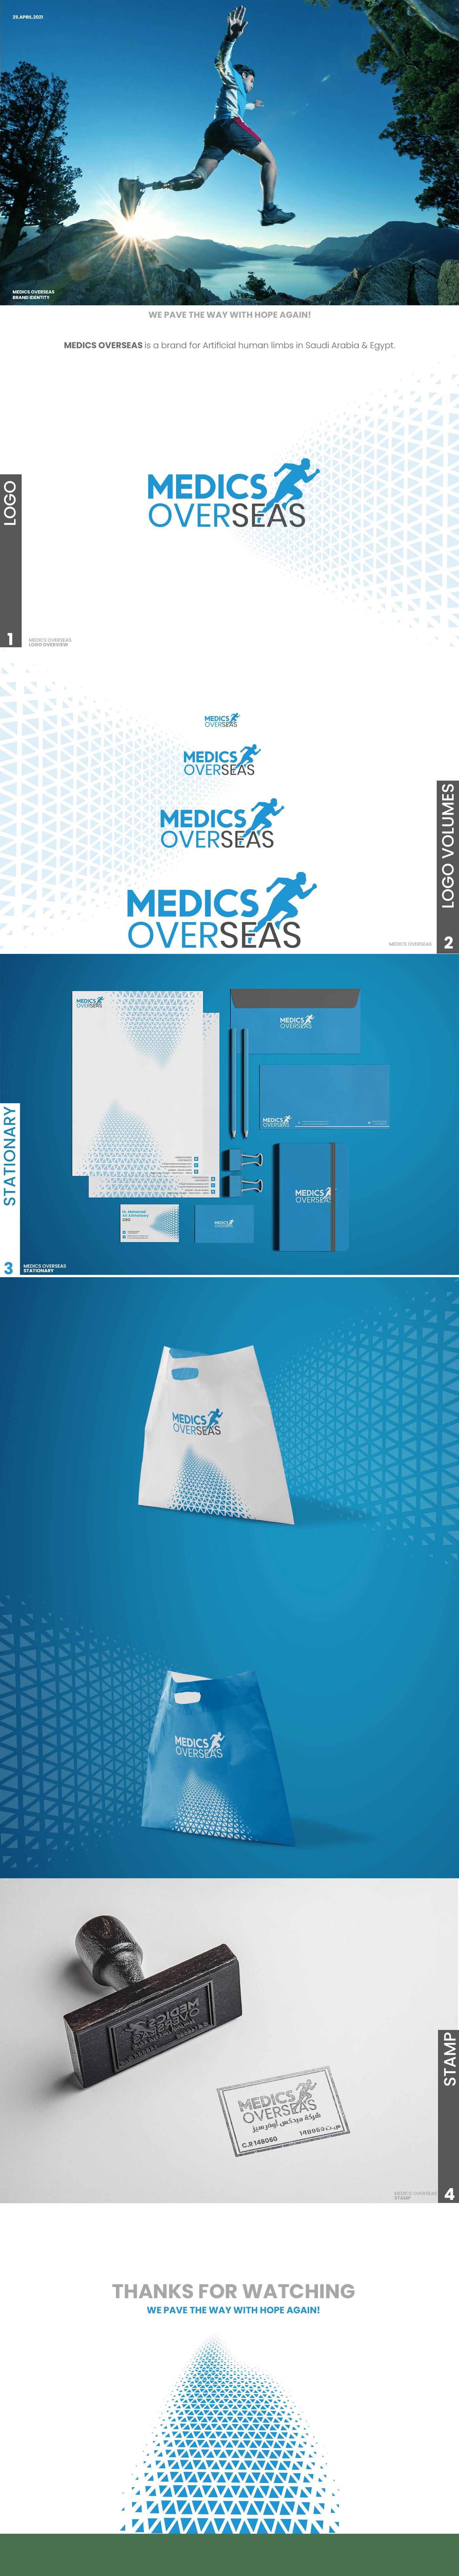 branding  Illustrator logo medics visual identity